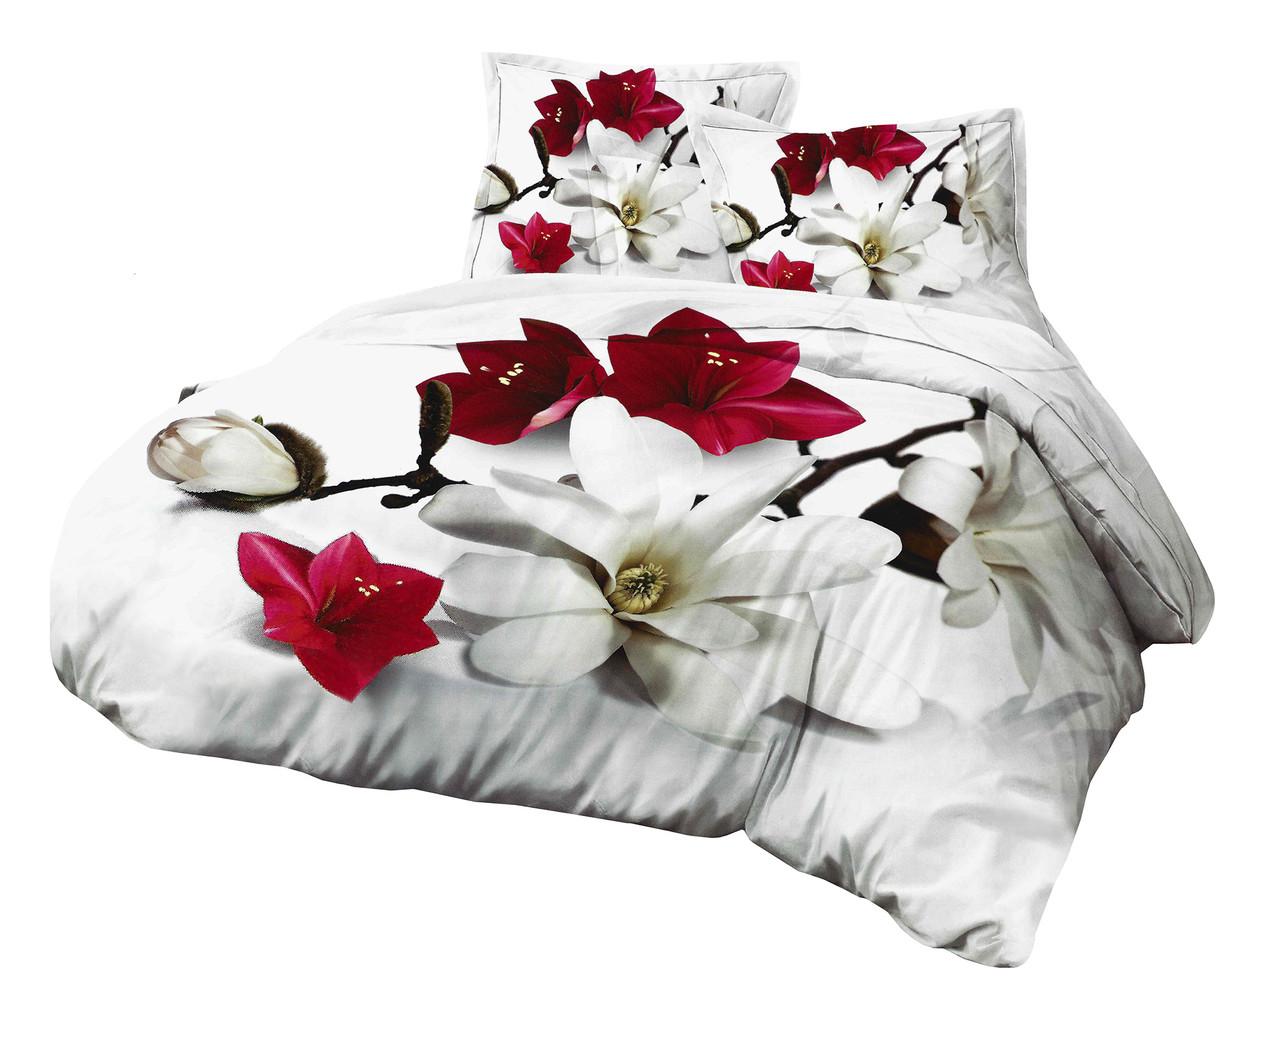 Комплект постельного белья Микроволокно HXDD-632 M&M 7205 Красный, Серый